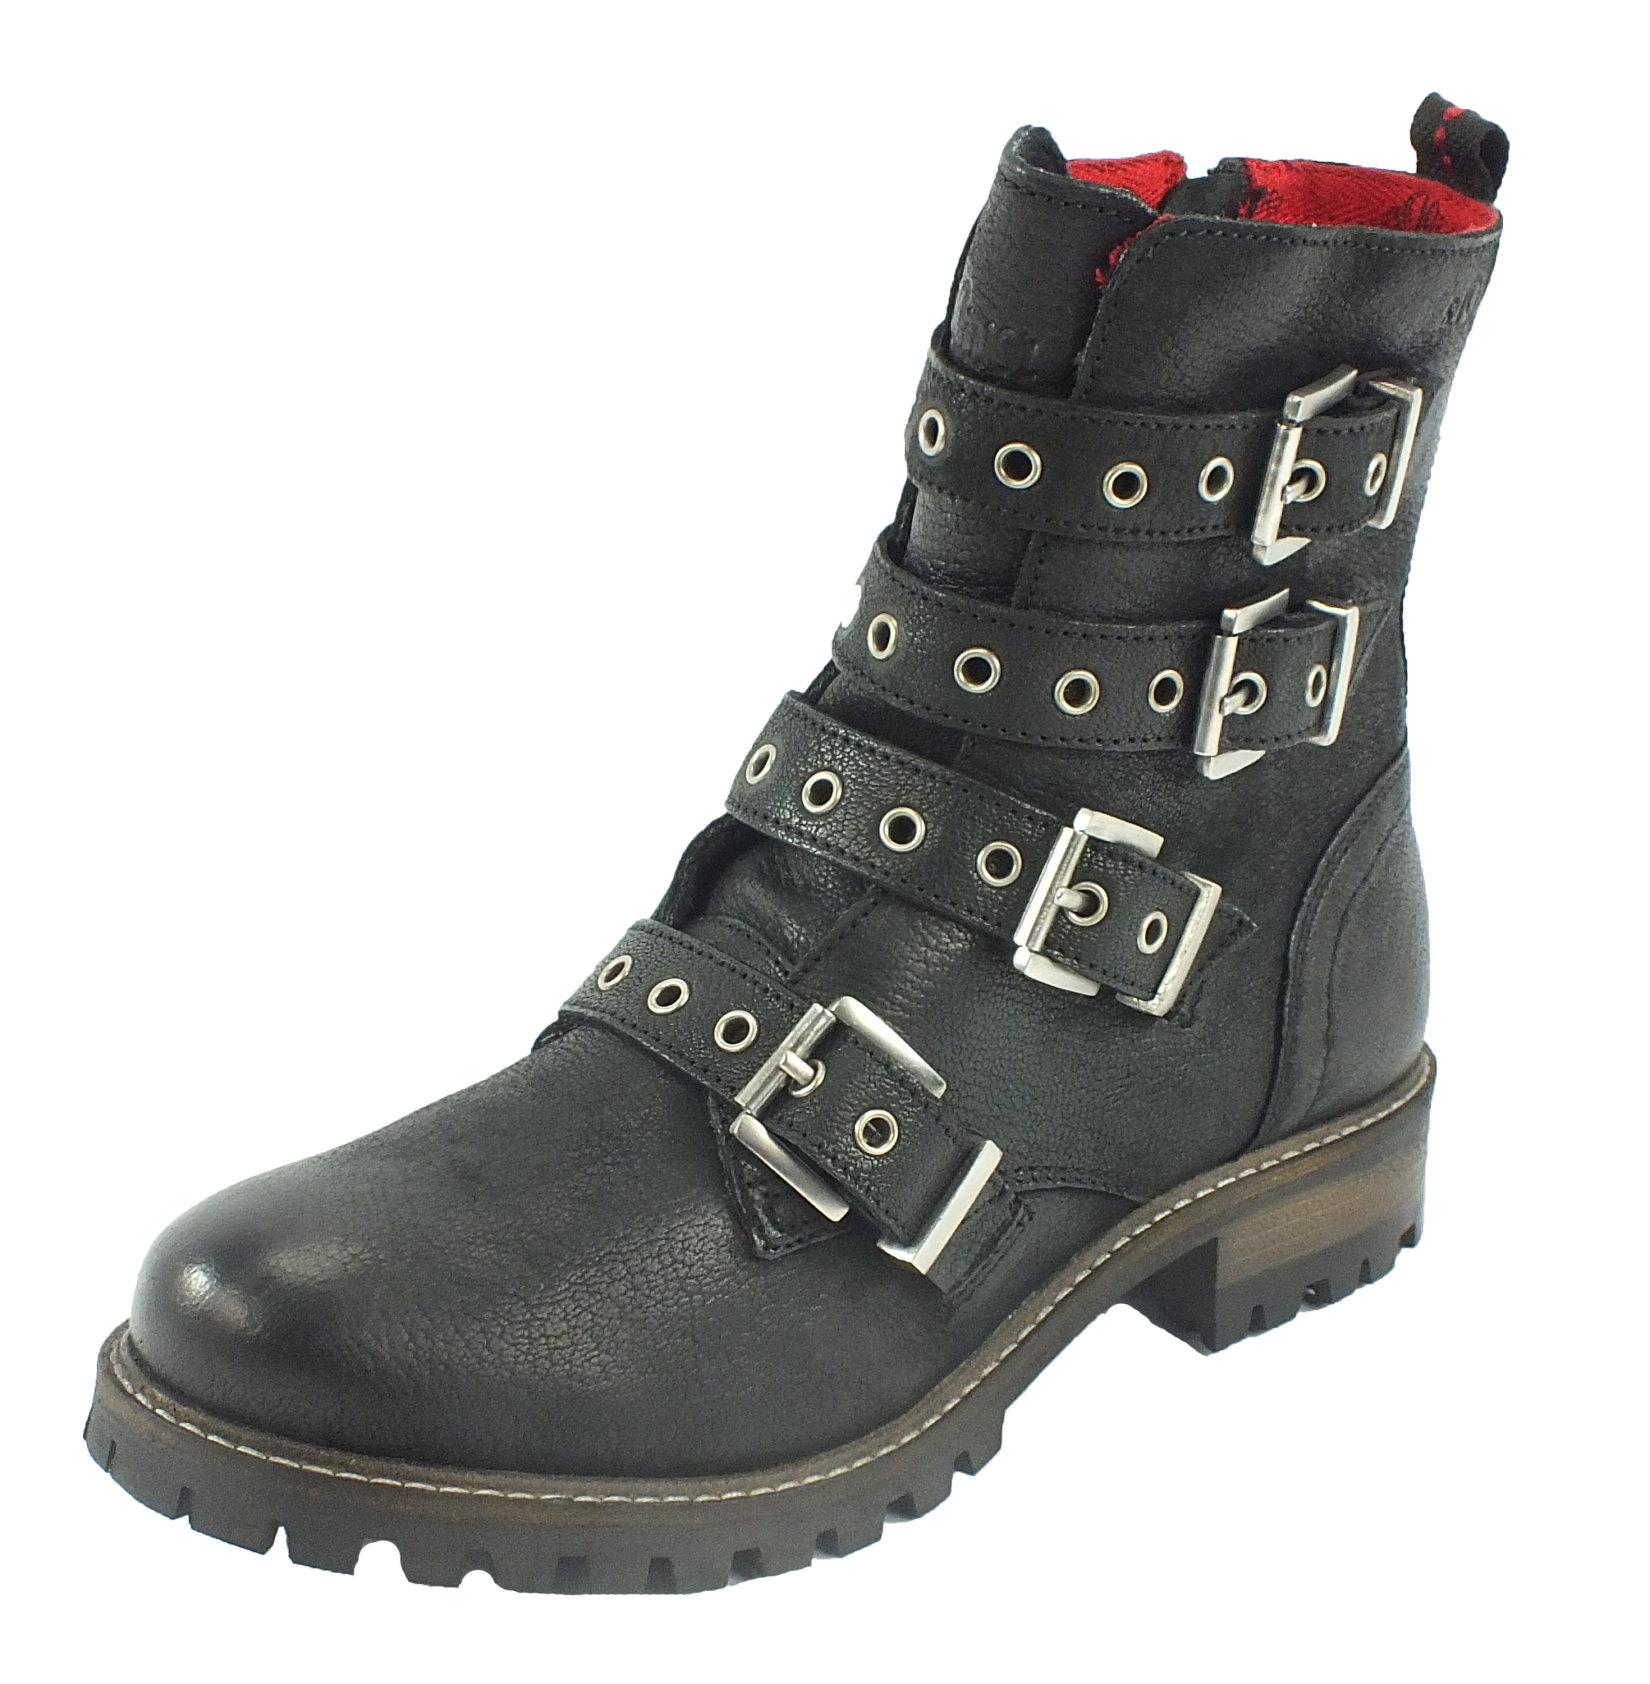 s oliver leder boots stiefelette stiefel schwarz 7430 ebay. Black Bedroom Furniture Sets. Home Design Ideas